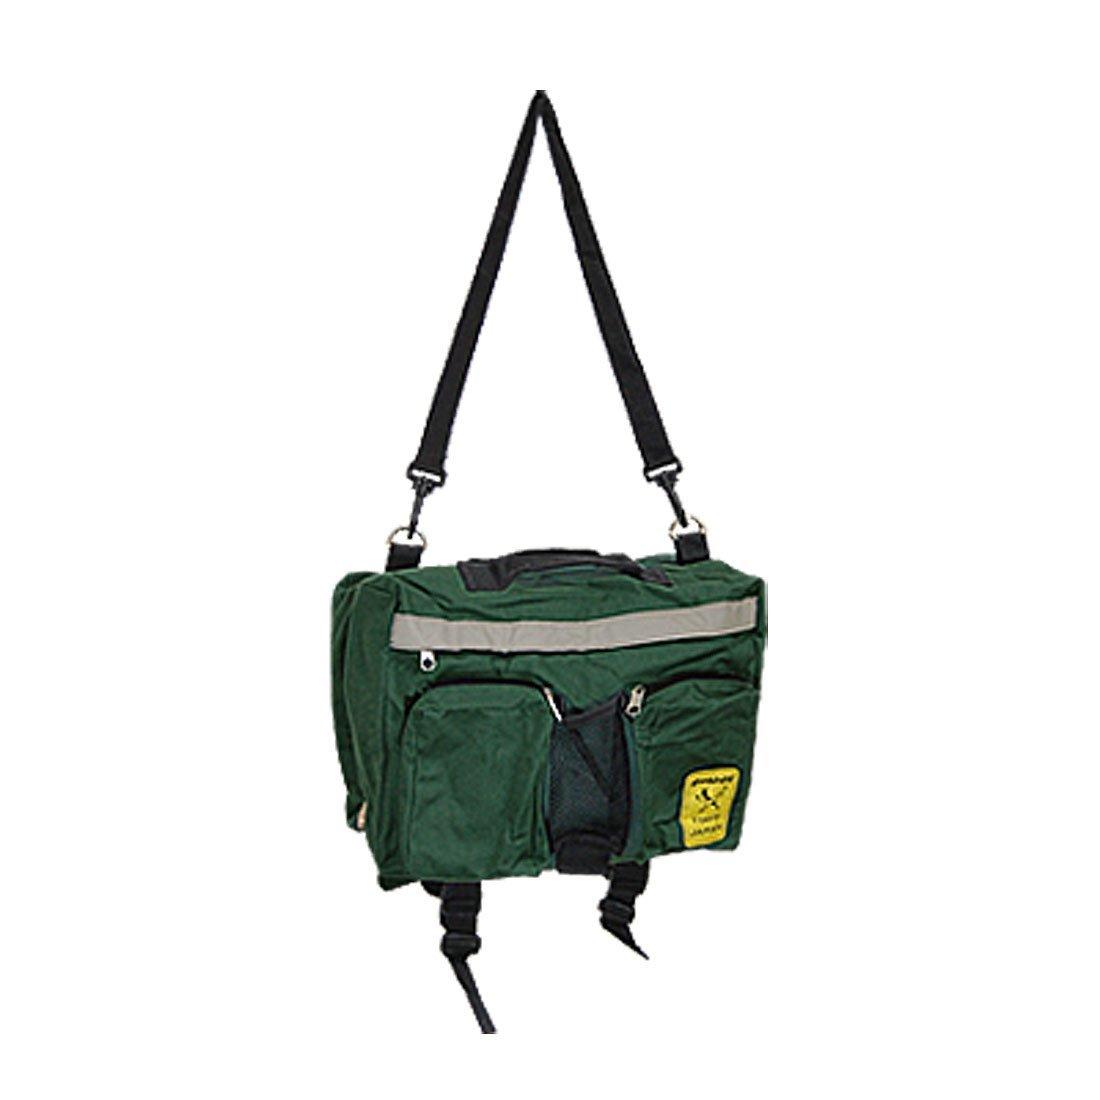 Uxcell Pet Puppy Dog Carrier Travel Saddle Bag Backpack Holder Dark Green